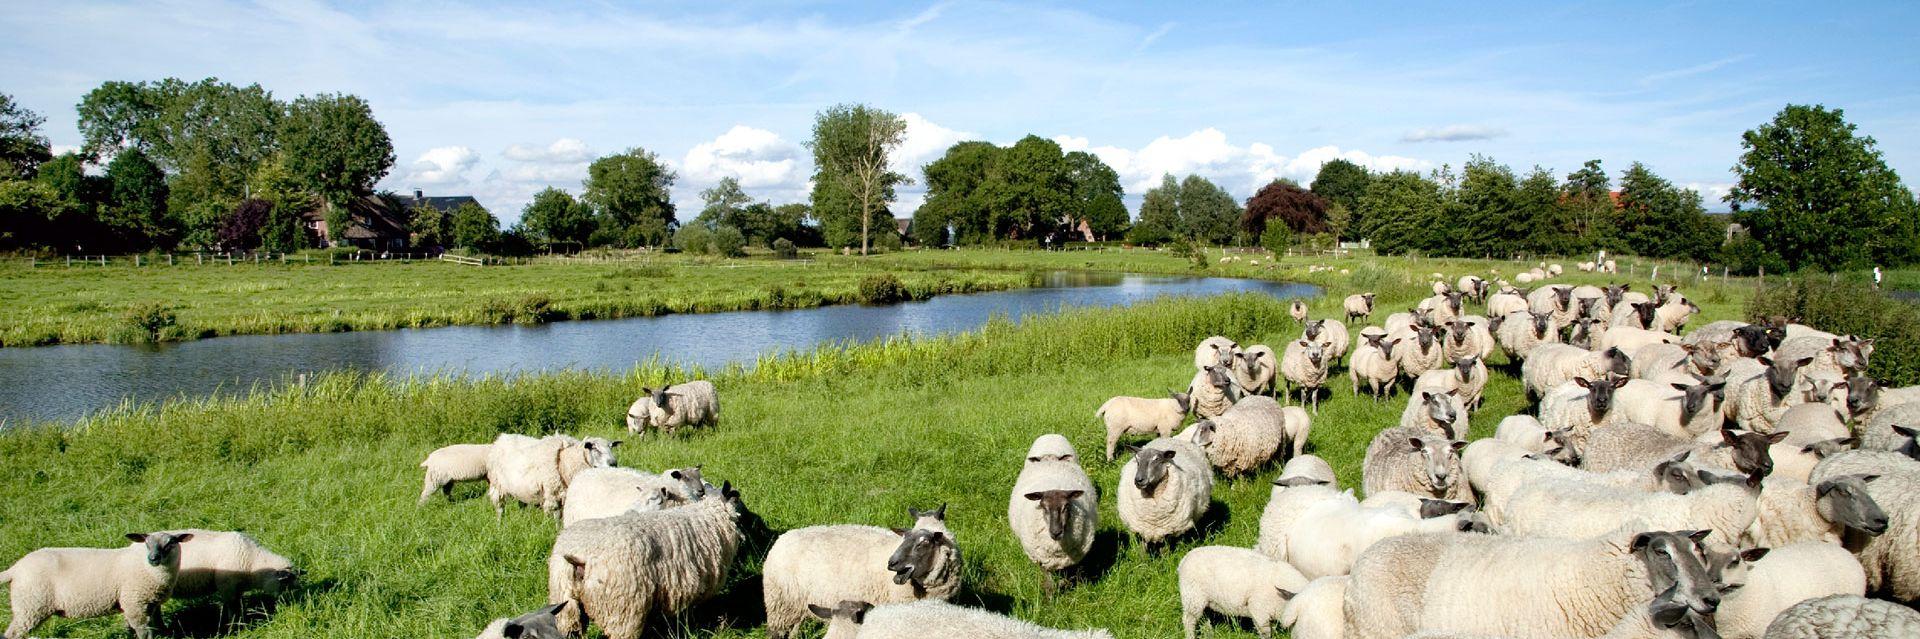 Schafe an der Wilster Au